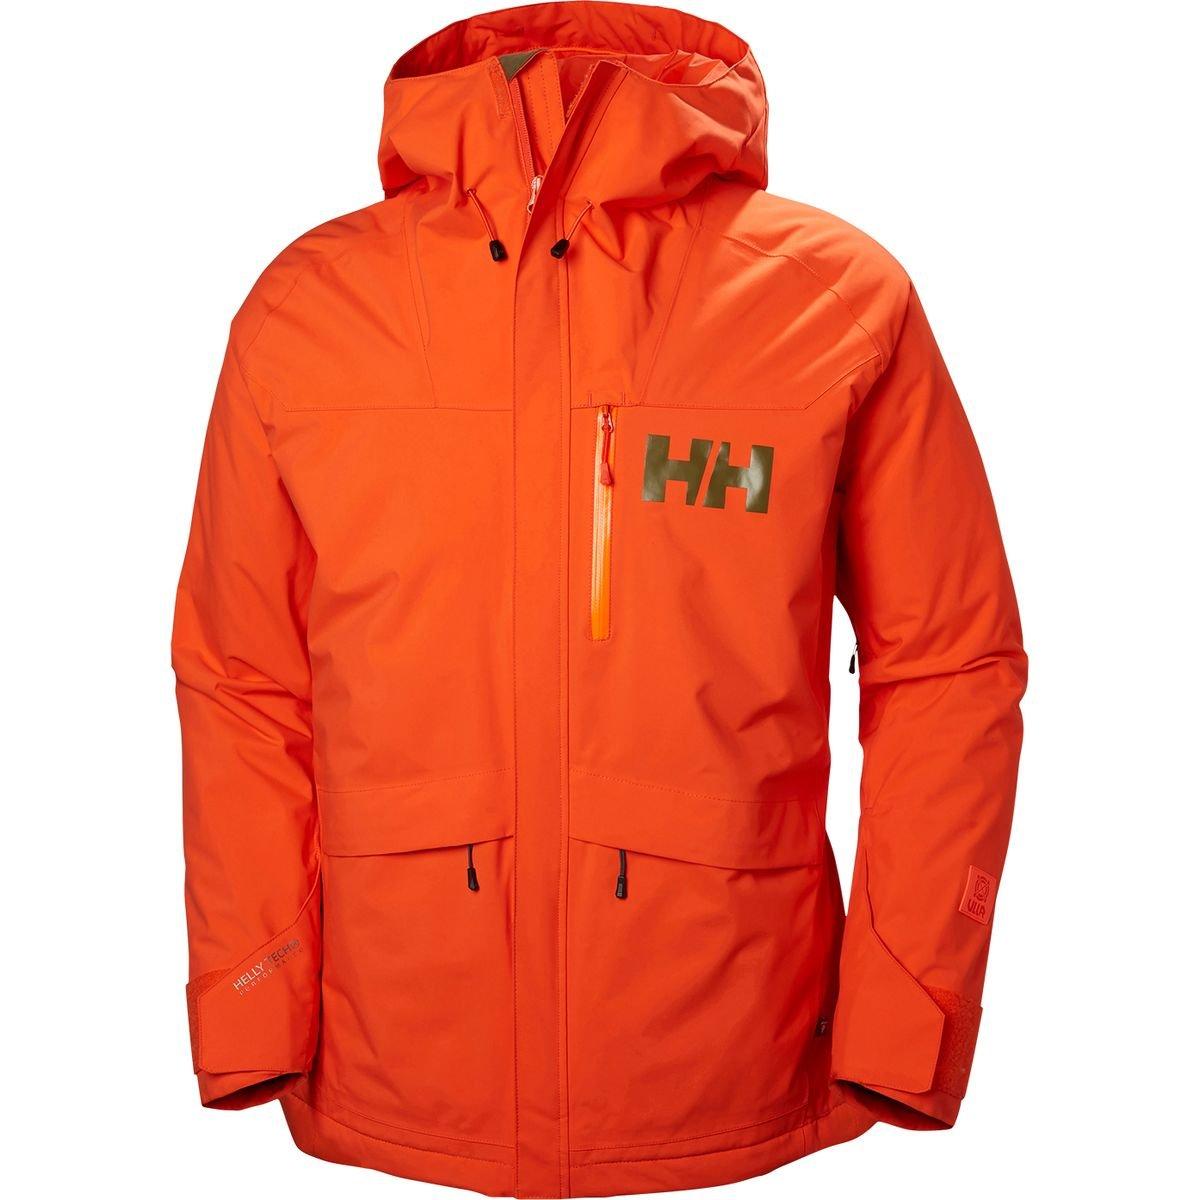 (ヘリーハンセン) Helly Hansen Fernie Jacket メンズ ジャケットFlame [並行輸入品] B07675J321 日本サイズ M (US S) Flame Flame 日本サイズ M (US S)